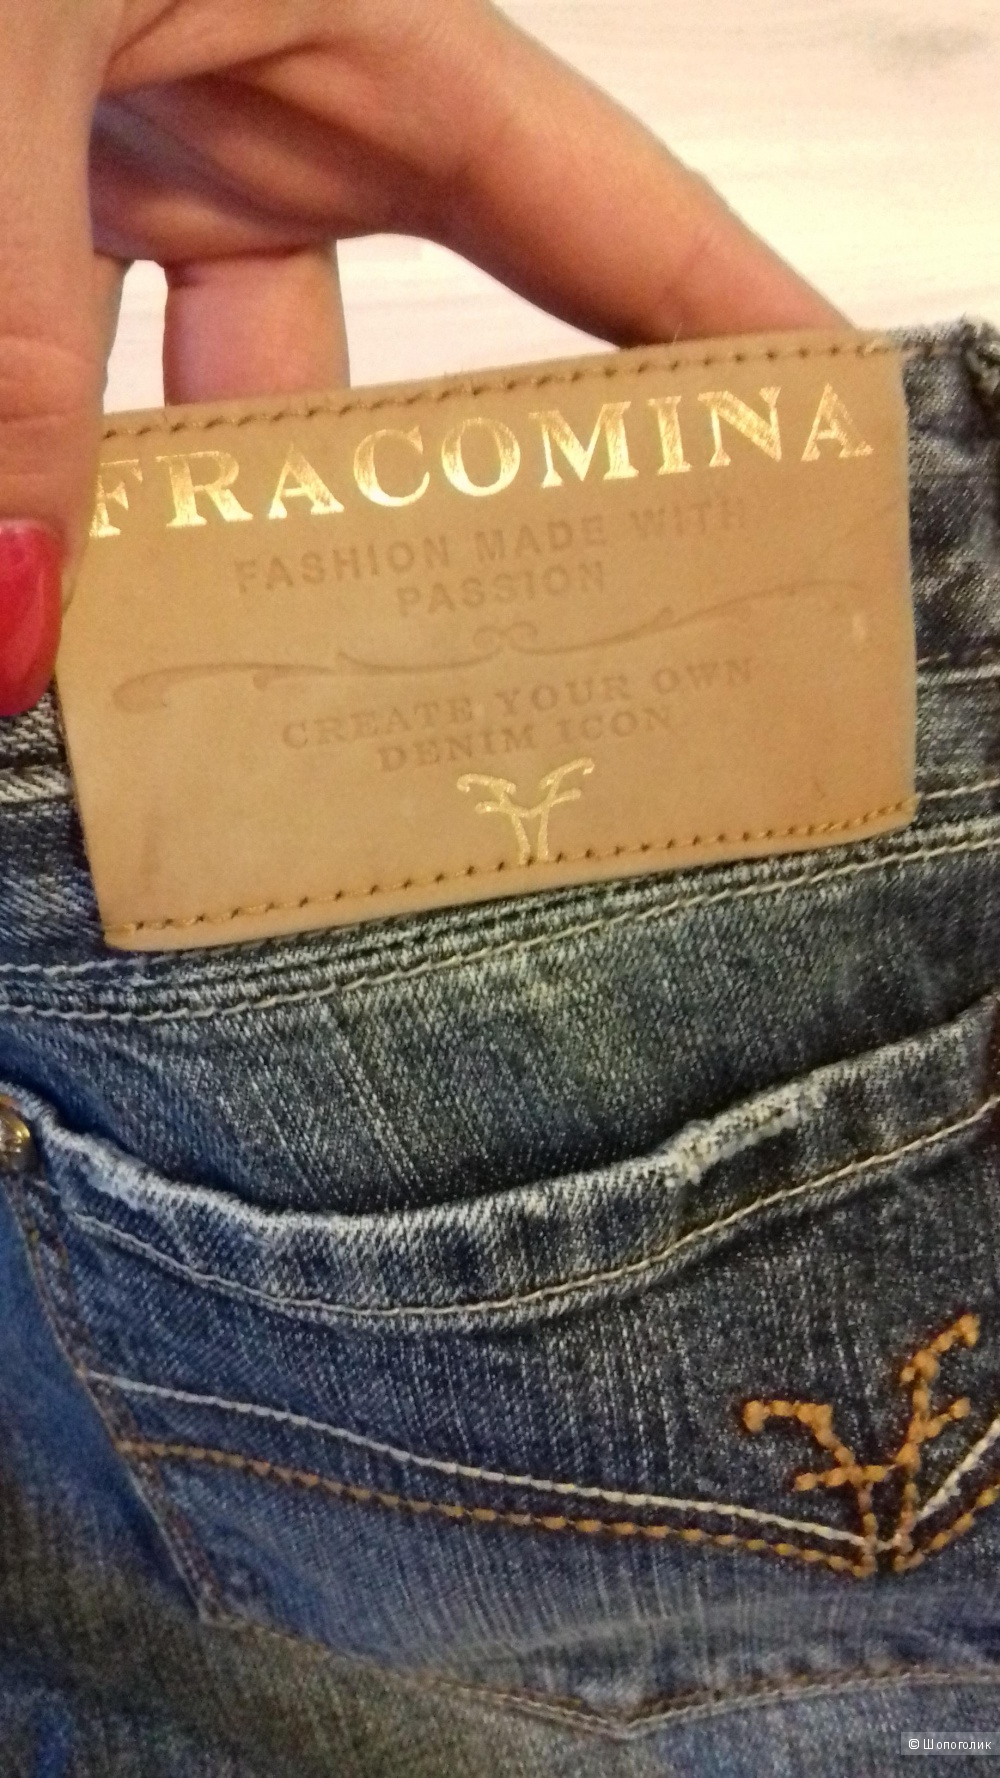 Джинсы FRACOMINA, 27 размер, Италия